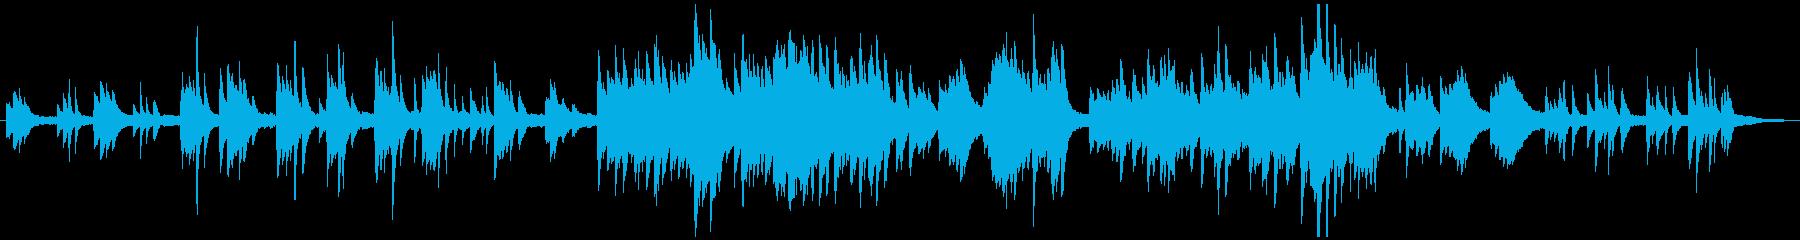 ソロピアノの伝統的クリスマス・キャロルの再生済みの波形